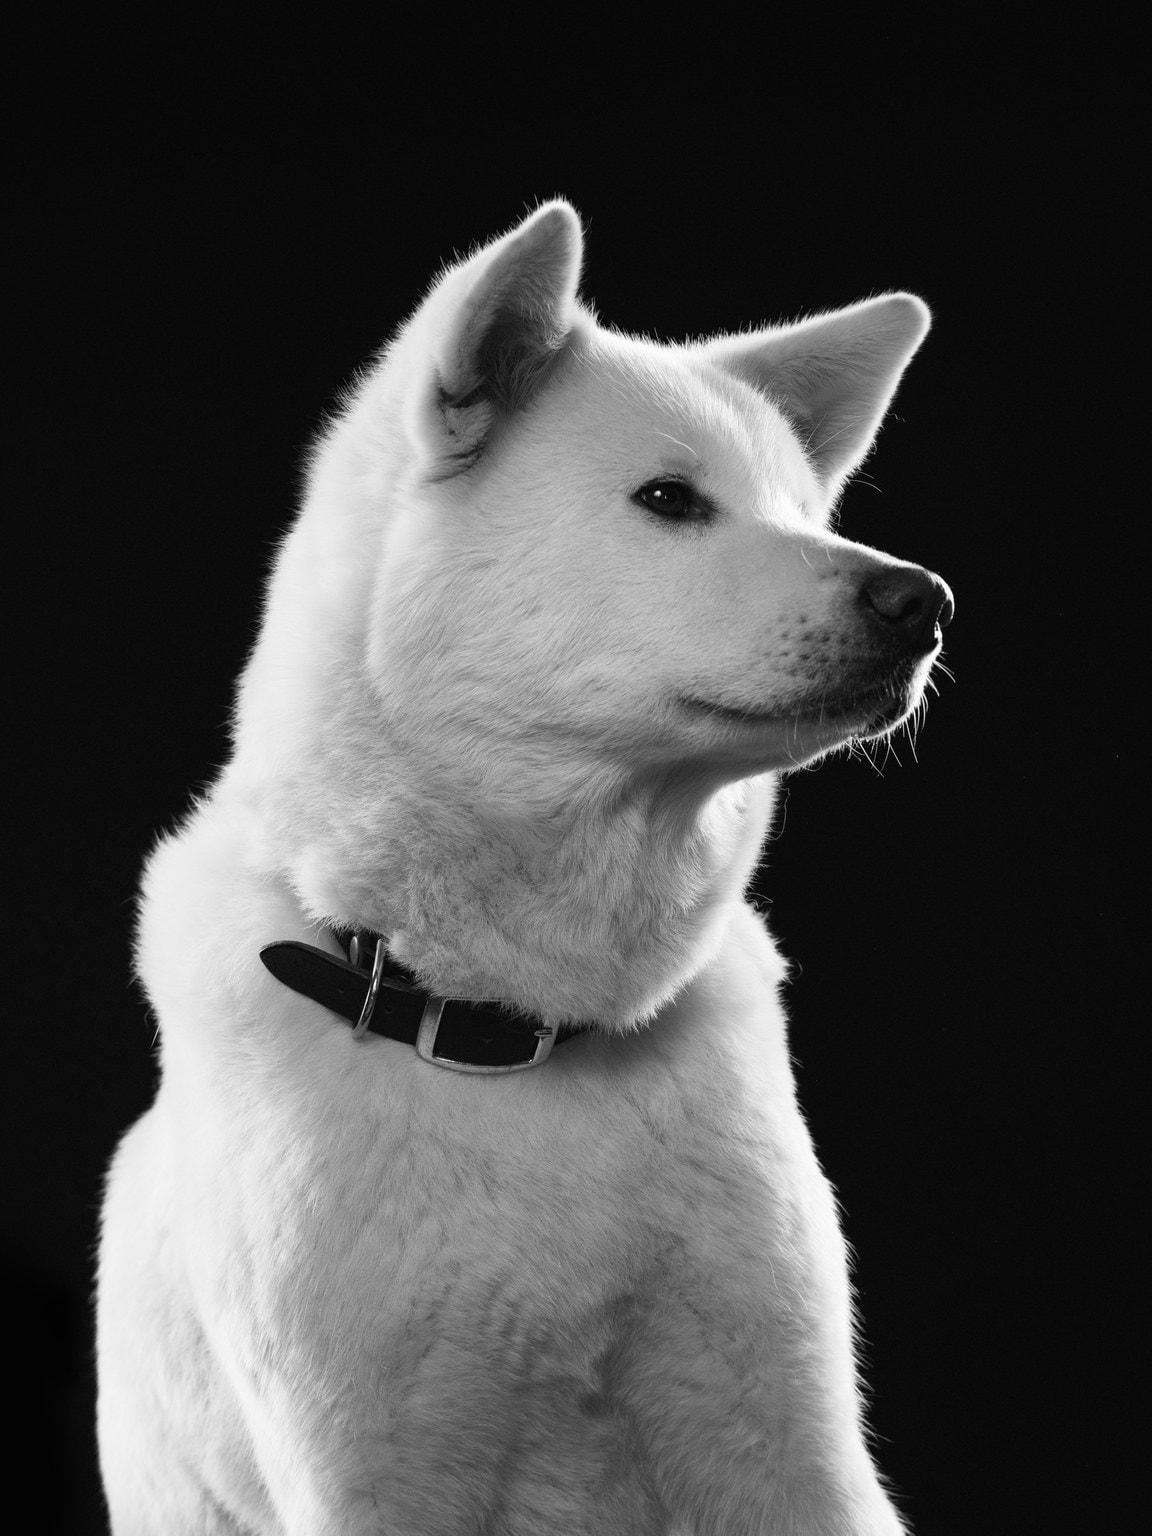 Koirapotretti American Akitasta, mustavalkoinen versio